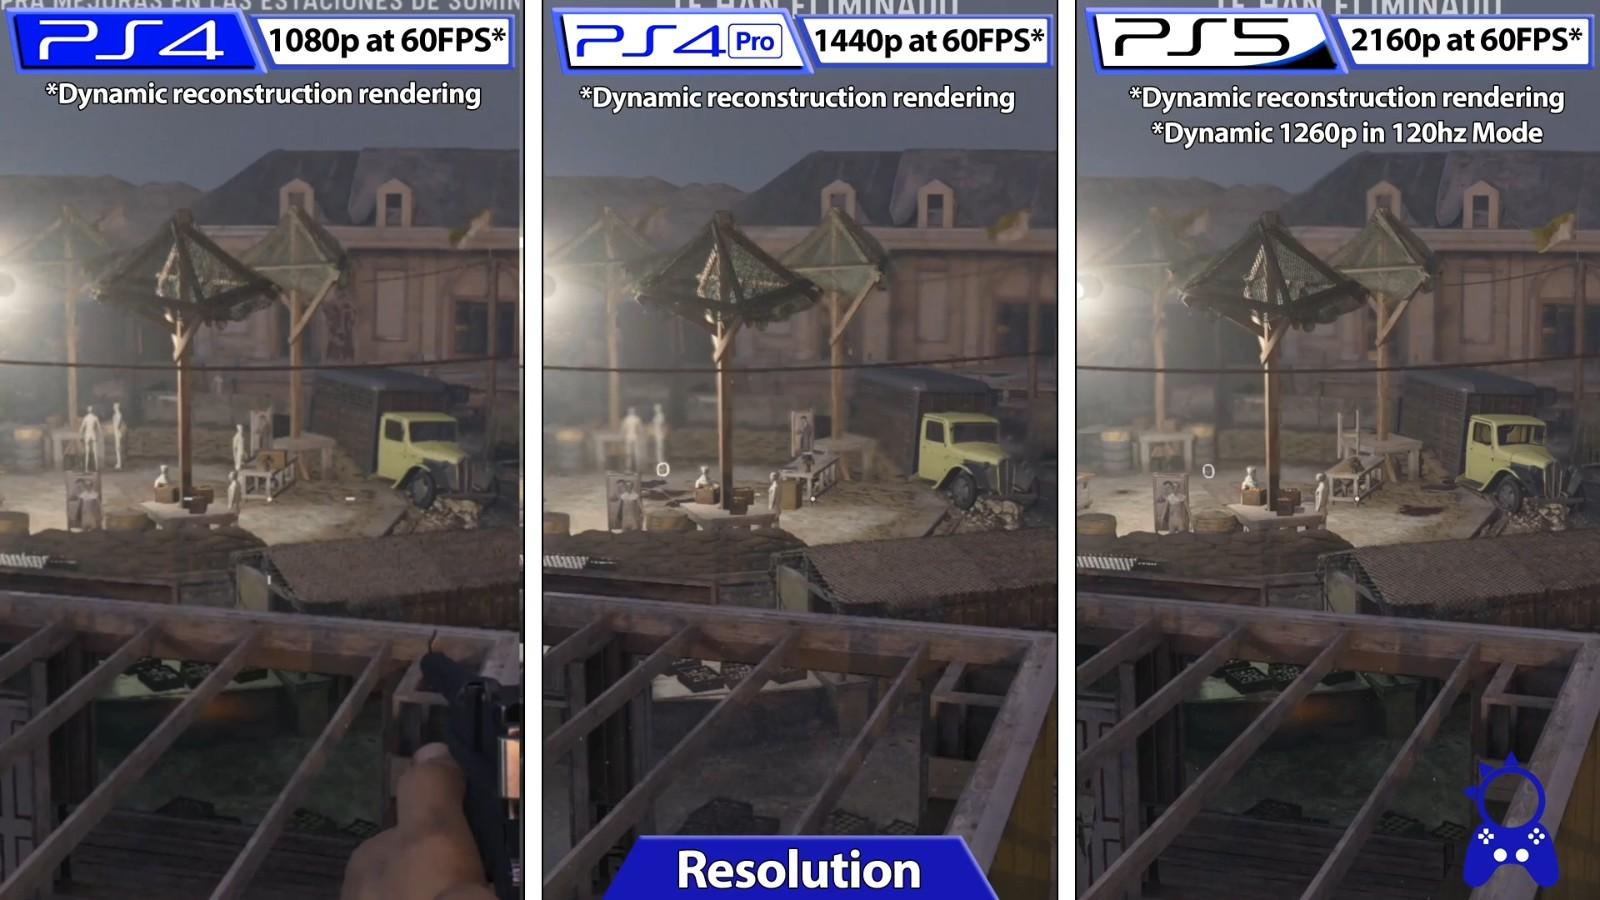 《使命召唤18:先锋》PS4、PS5和PS4 Pro三个平台效果对比